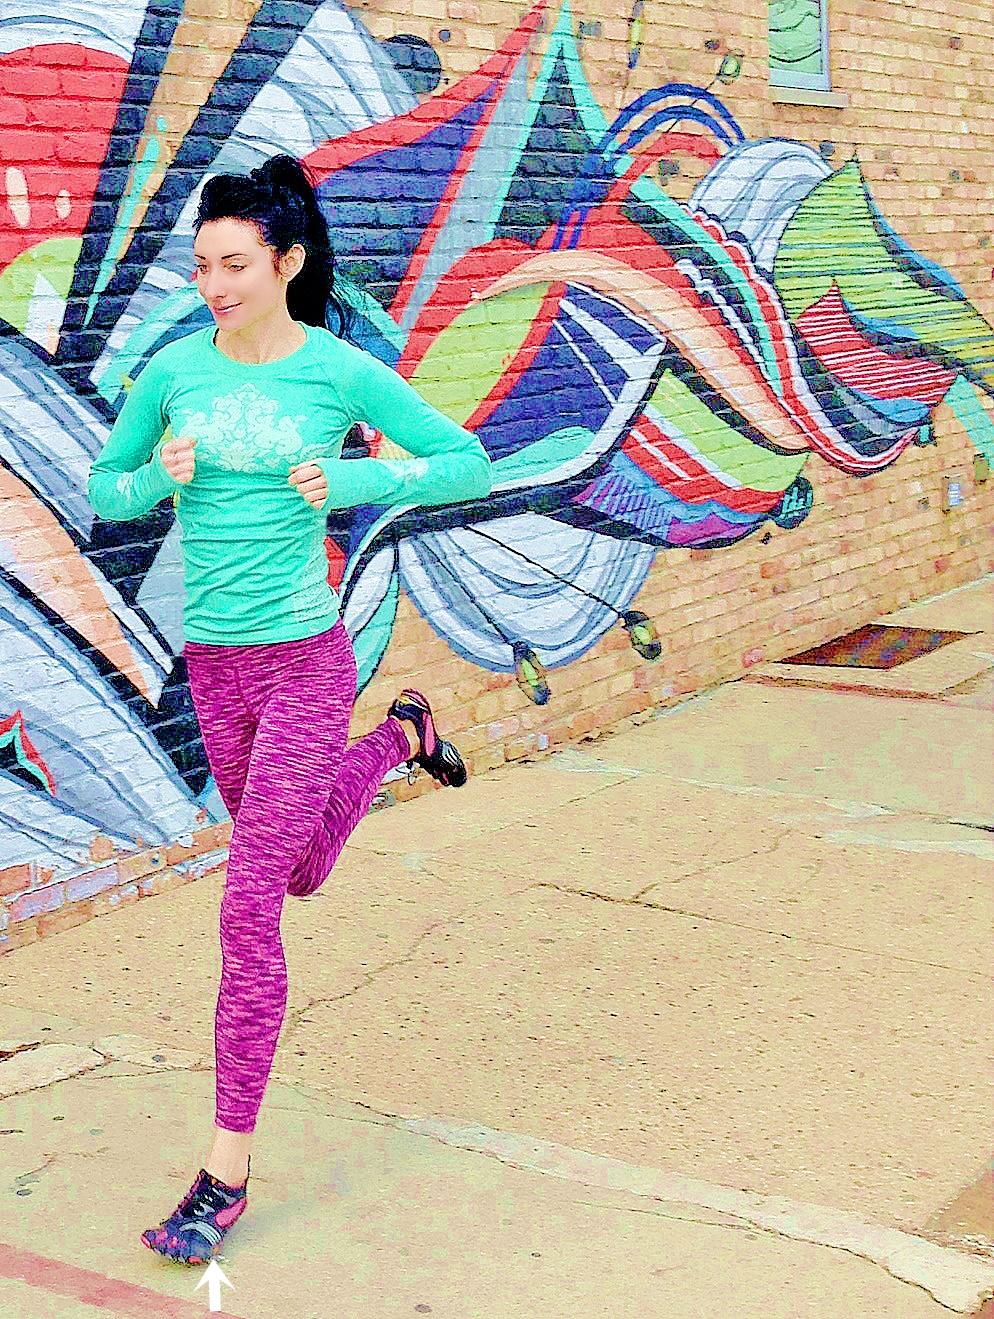 Do Vibram Five Fingers Work for Running?